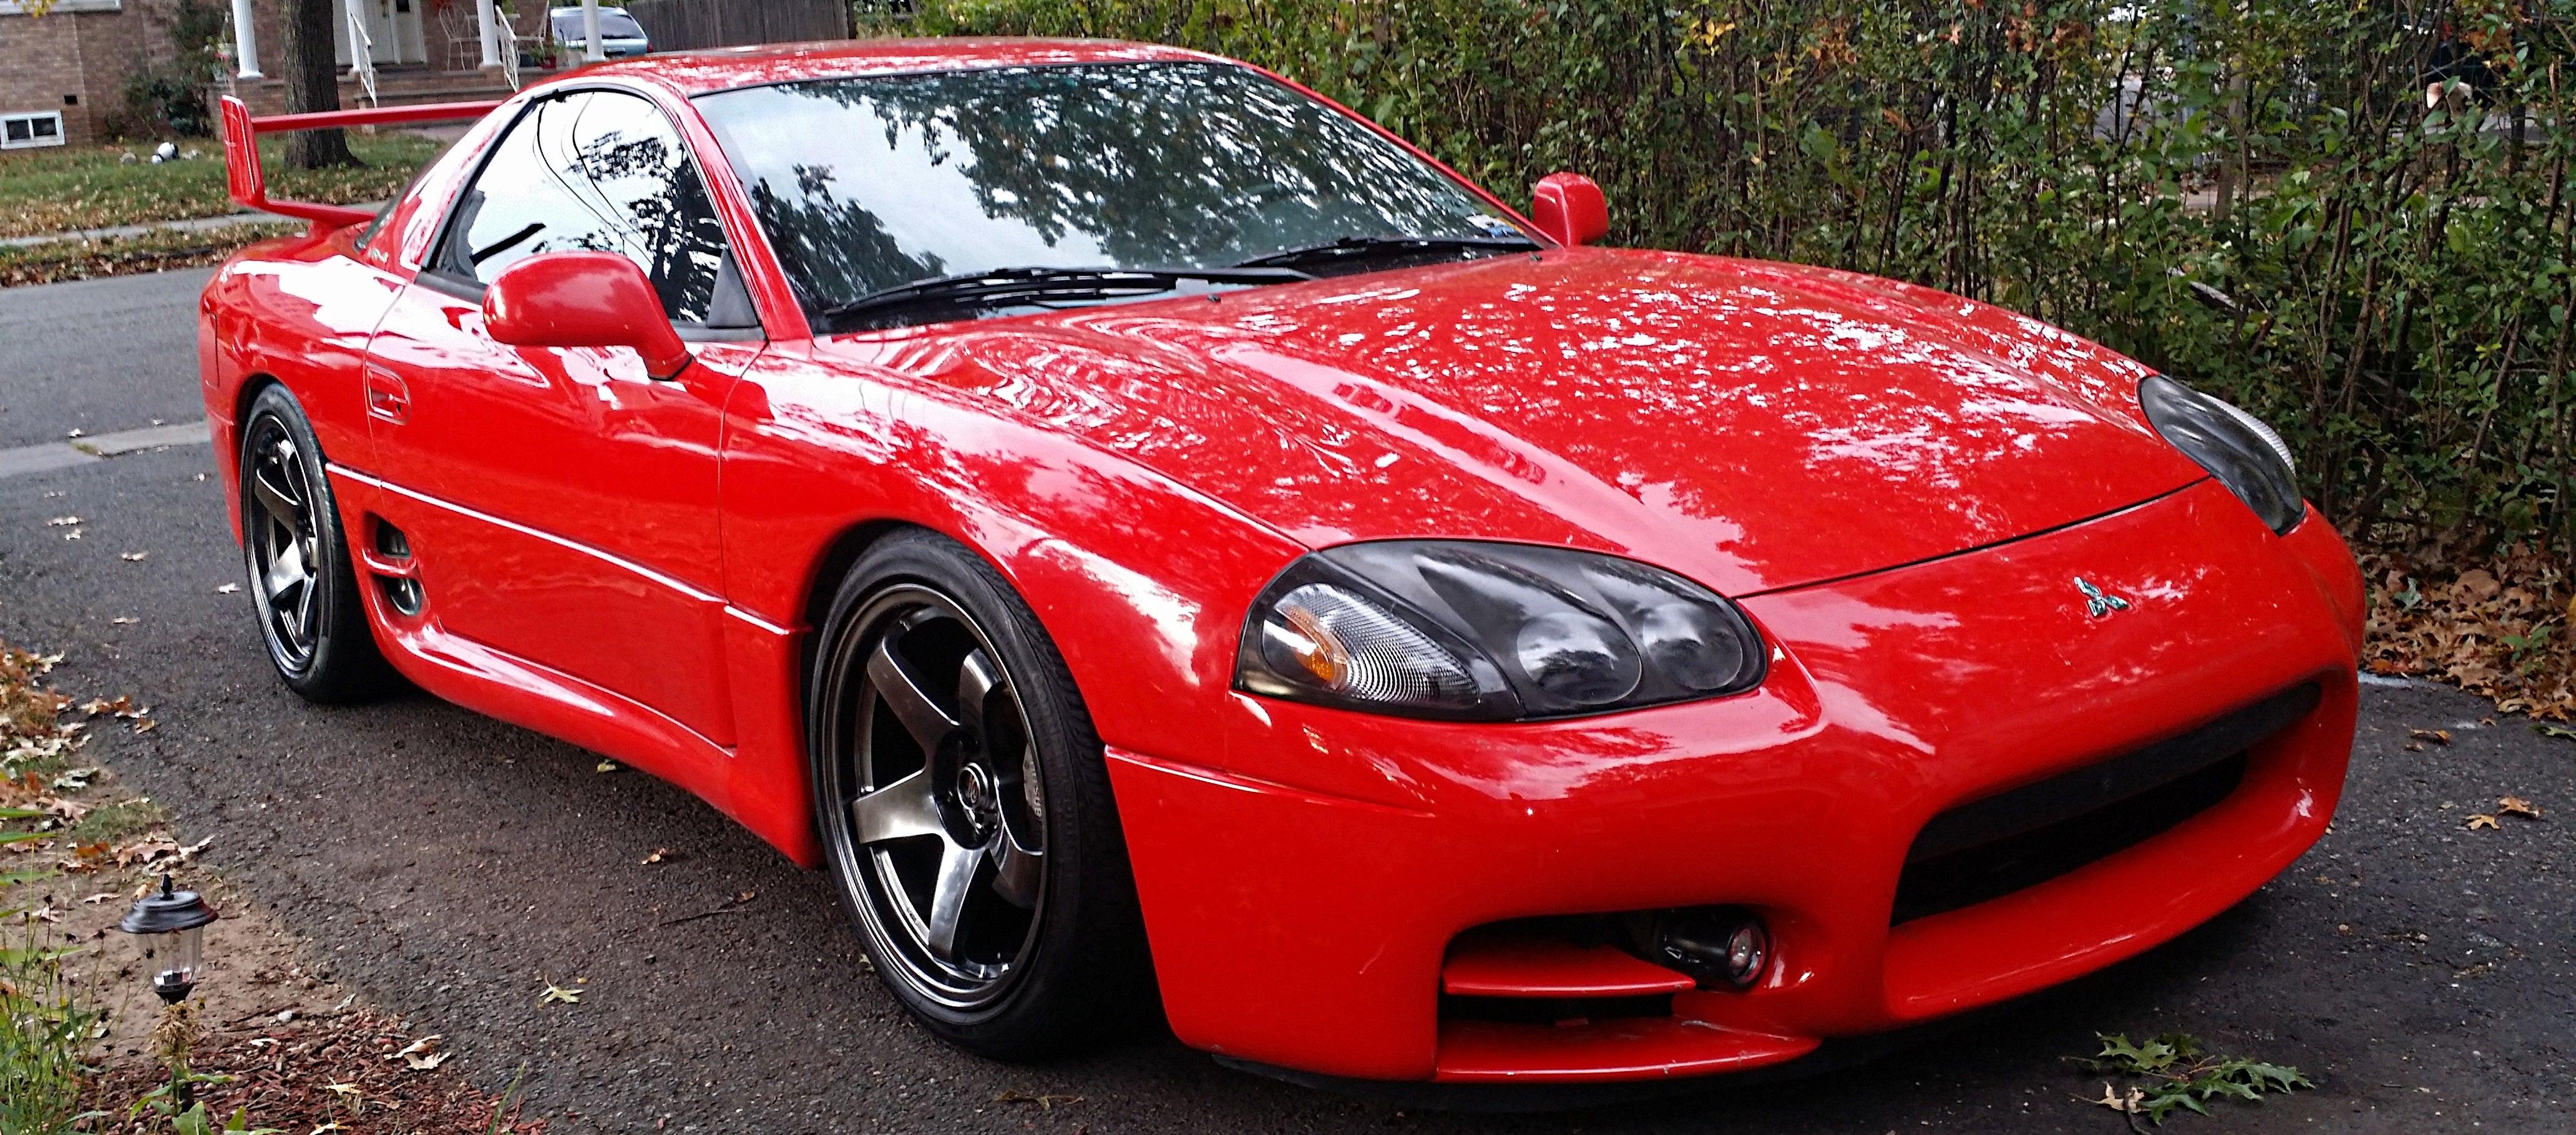 Garagem dos Sonhos [5 carros] – FlatOut! Forum